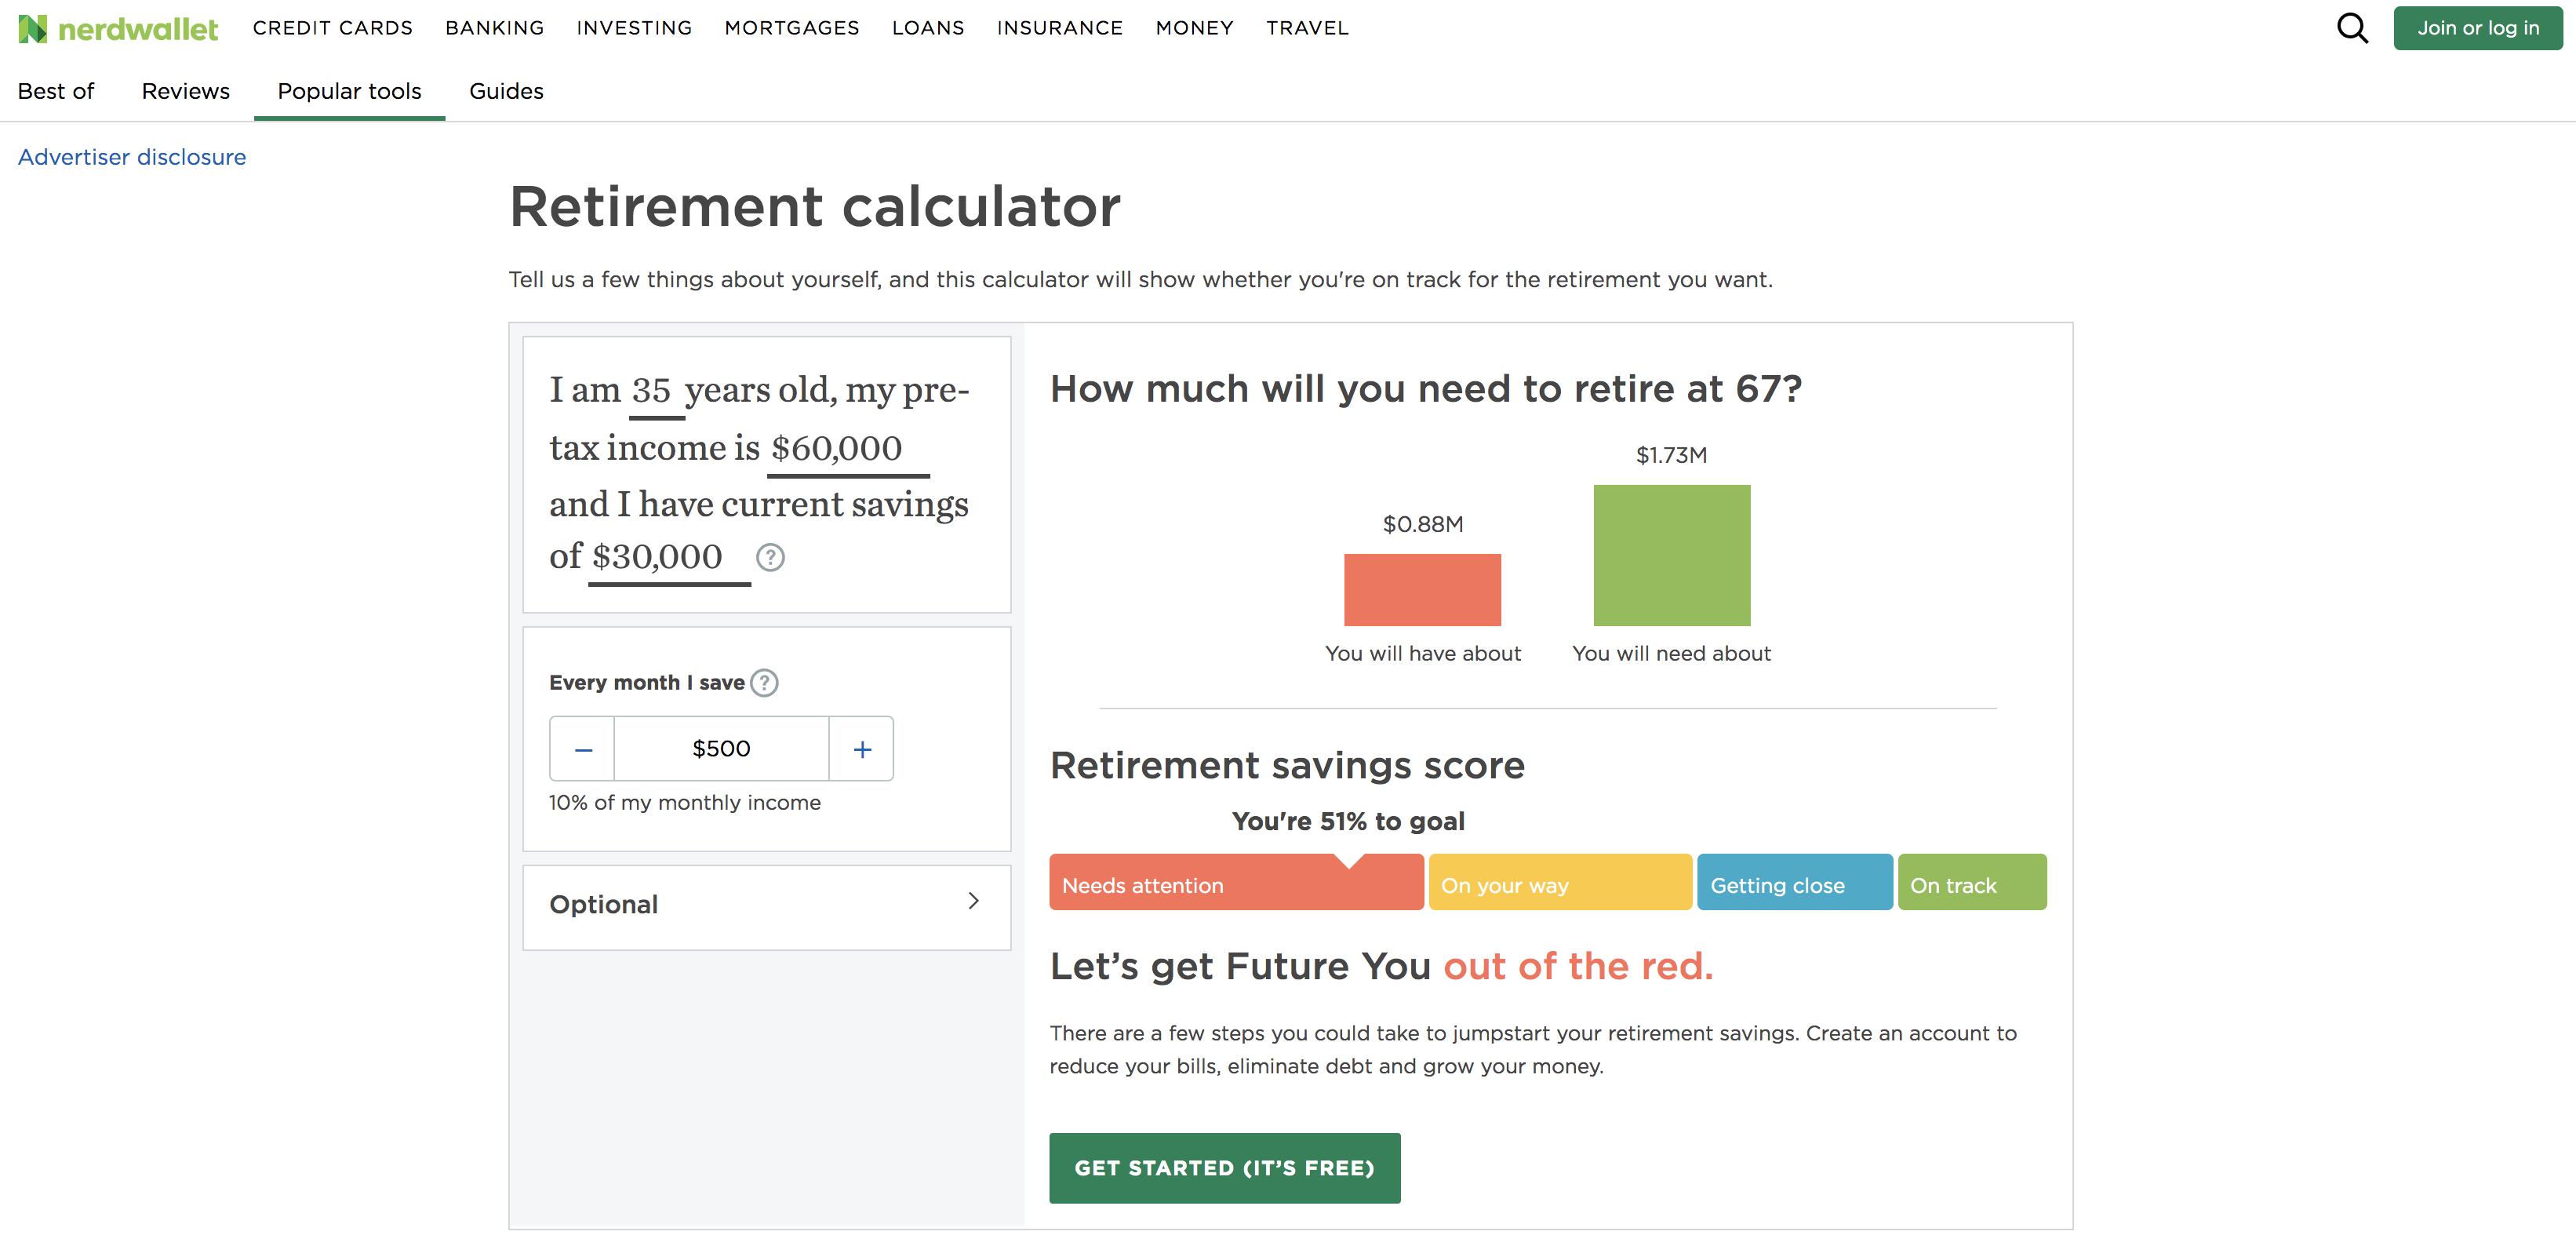 NerdWallet retirement calculator